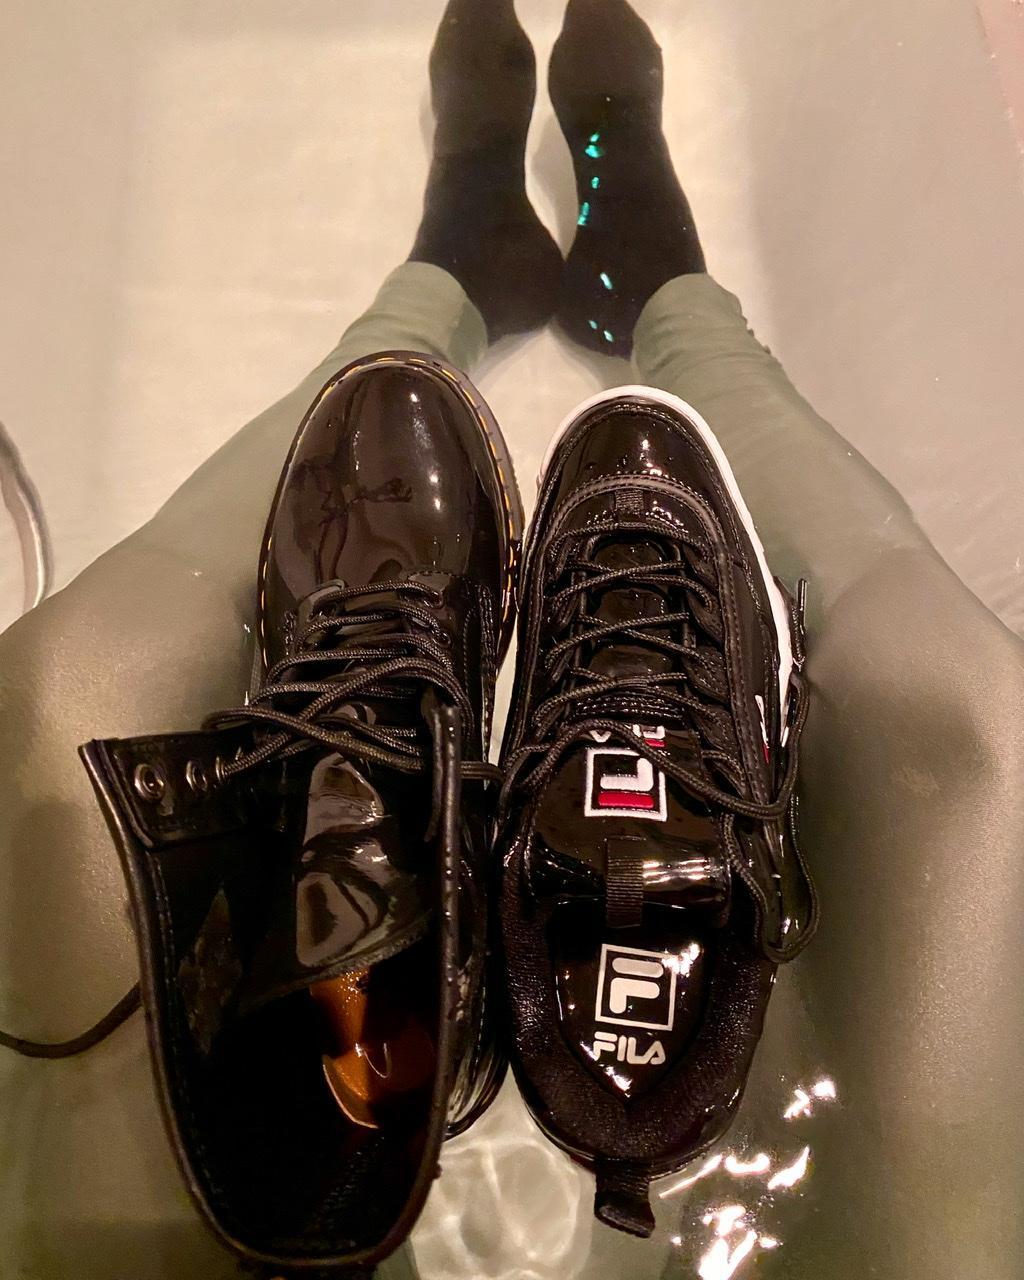 Meine Schuhe nach dem Baden